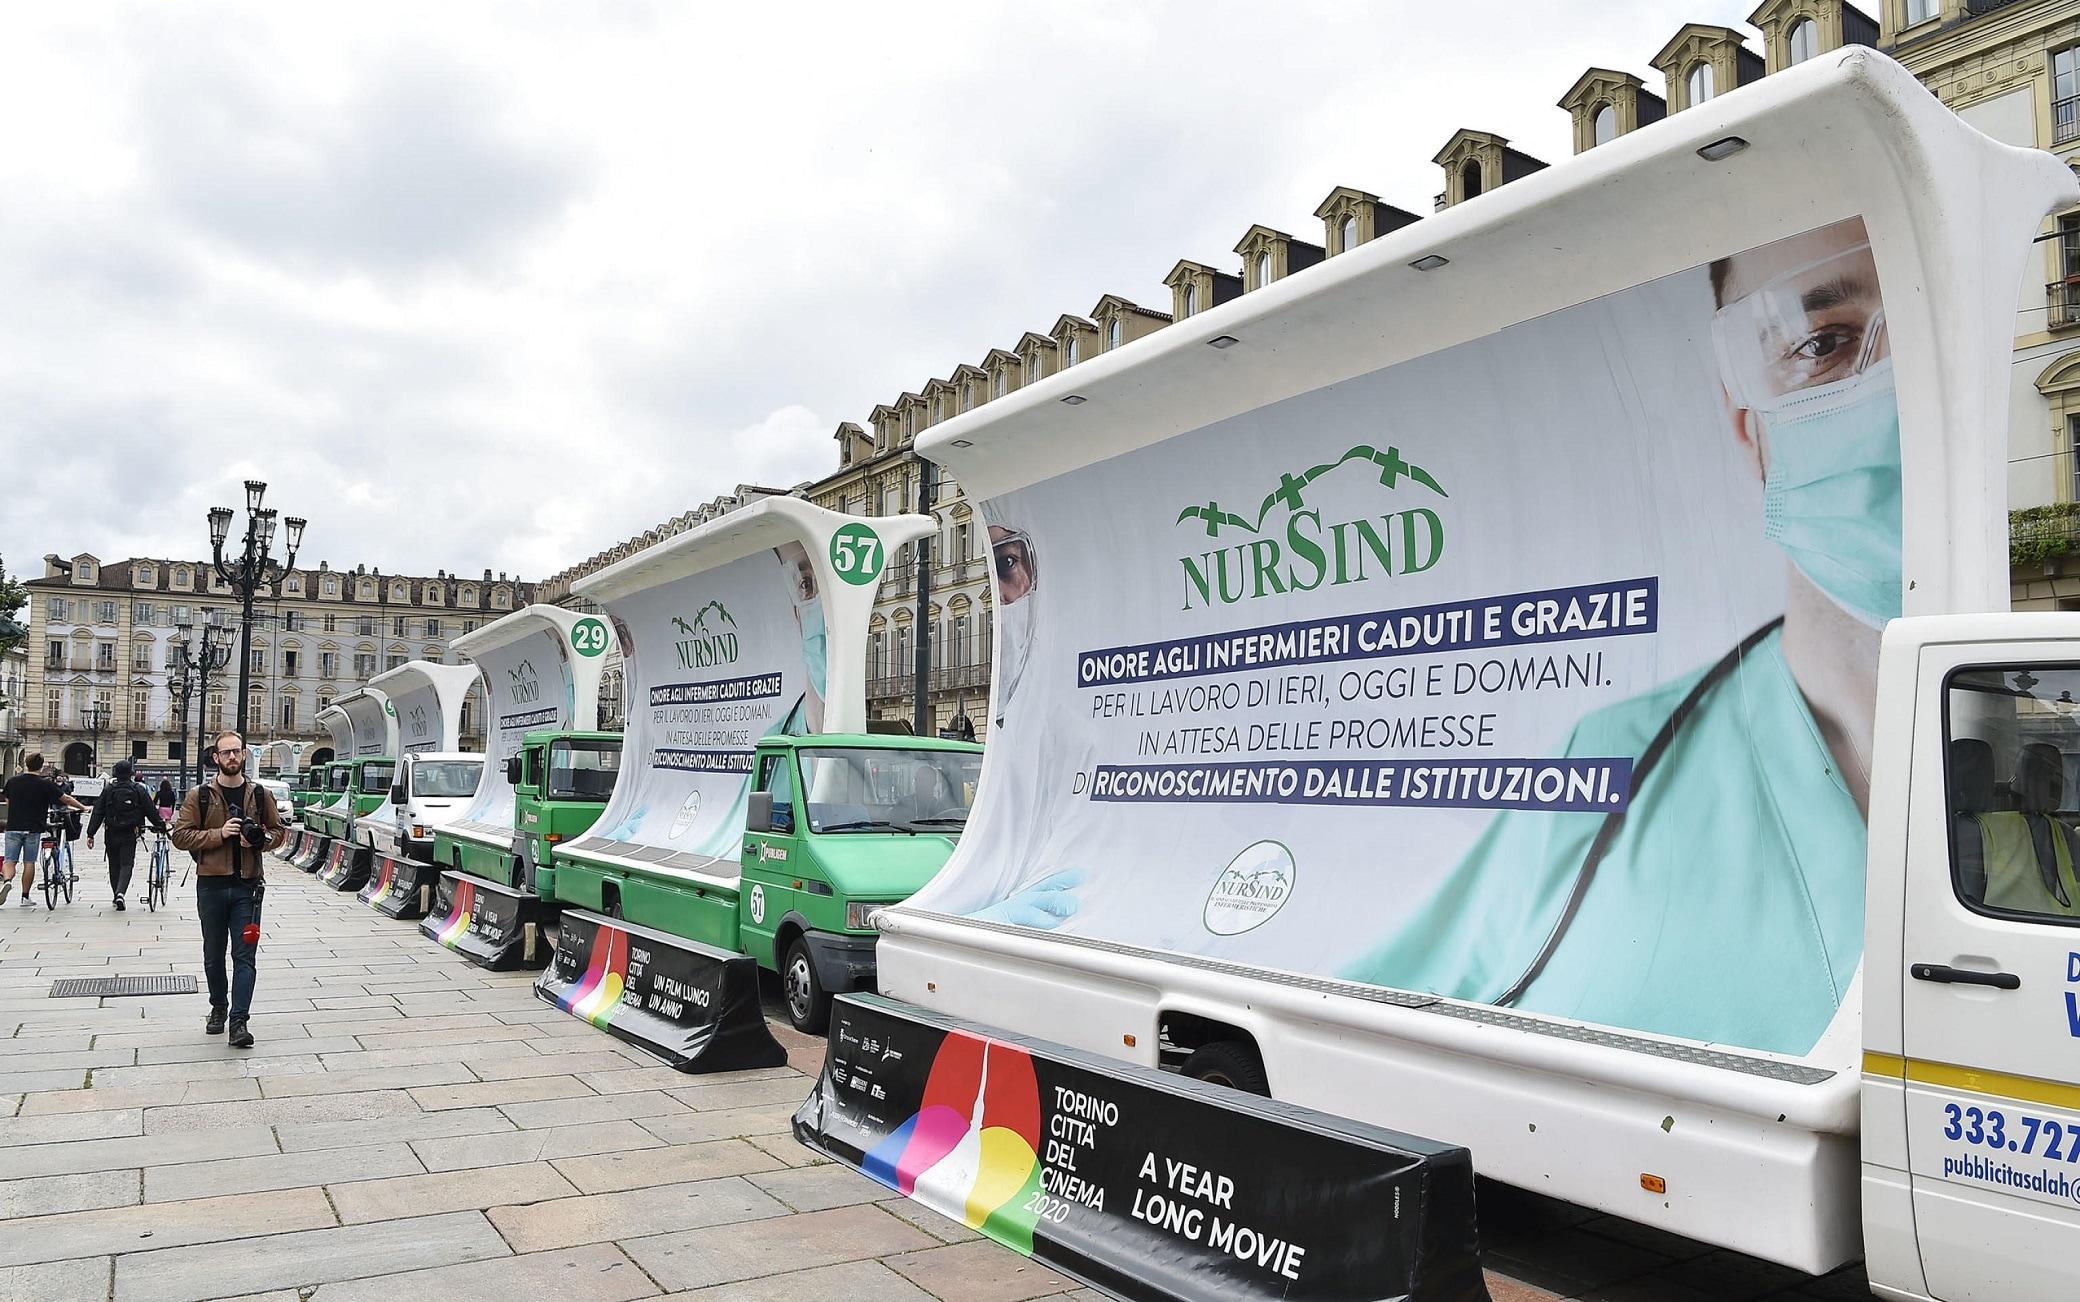 I camion pubblicitari utilizzati dagli infermieri nel corso della manifestazione di protesta contro il Governo sfilano per le vie del centro di Torino, 8 giugno 2020 ANSA/ ALESSANDRO DI MARCO